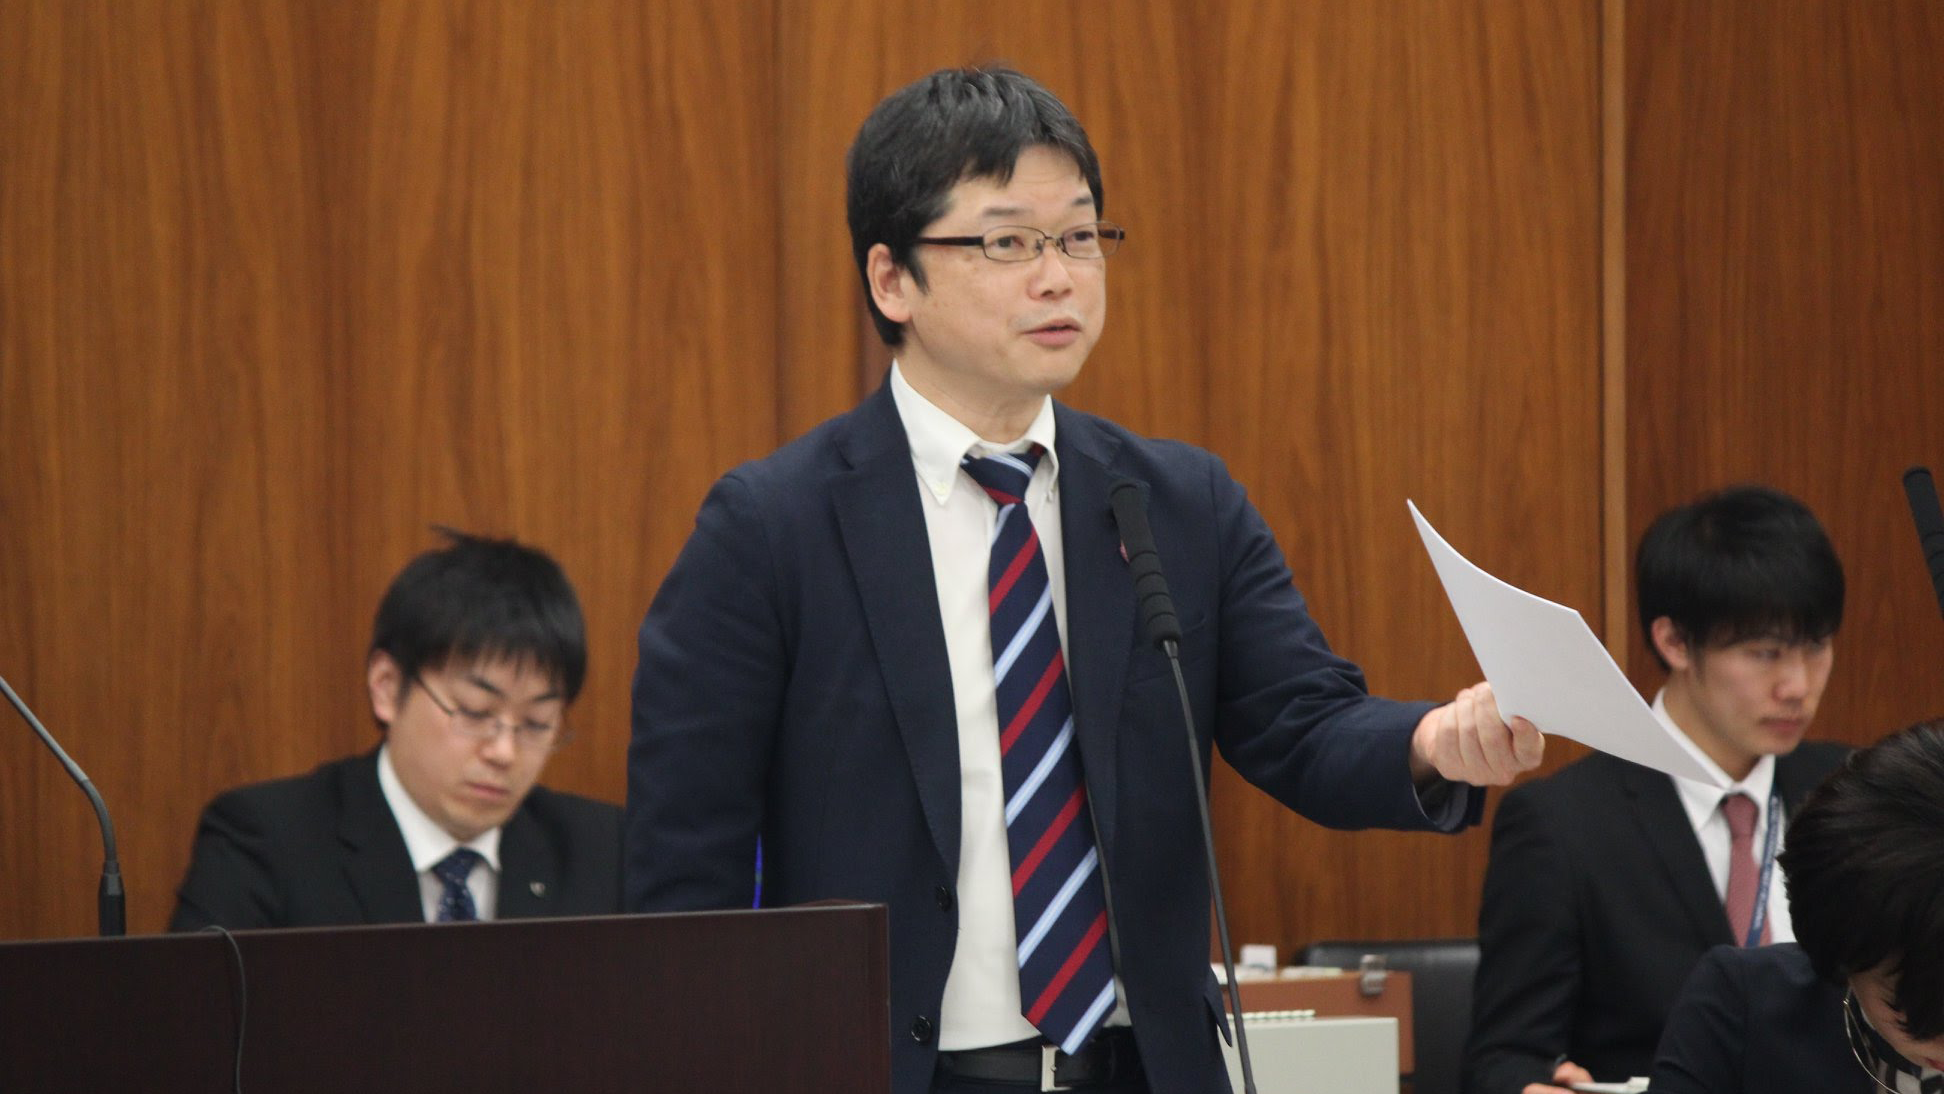 立憲民主党島根県連合 代表代行 石橋みちひろ参議院議員